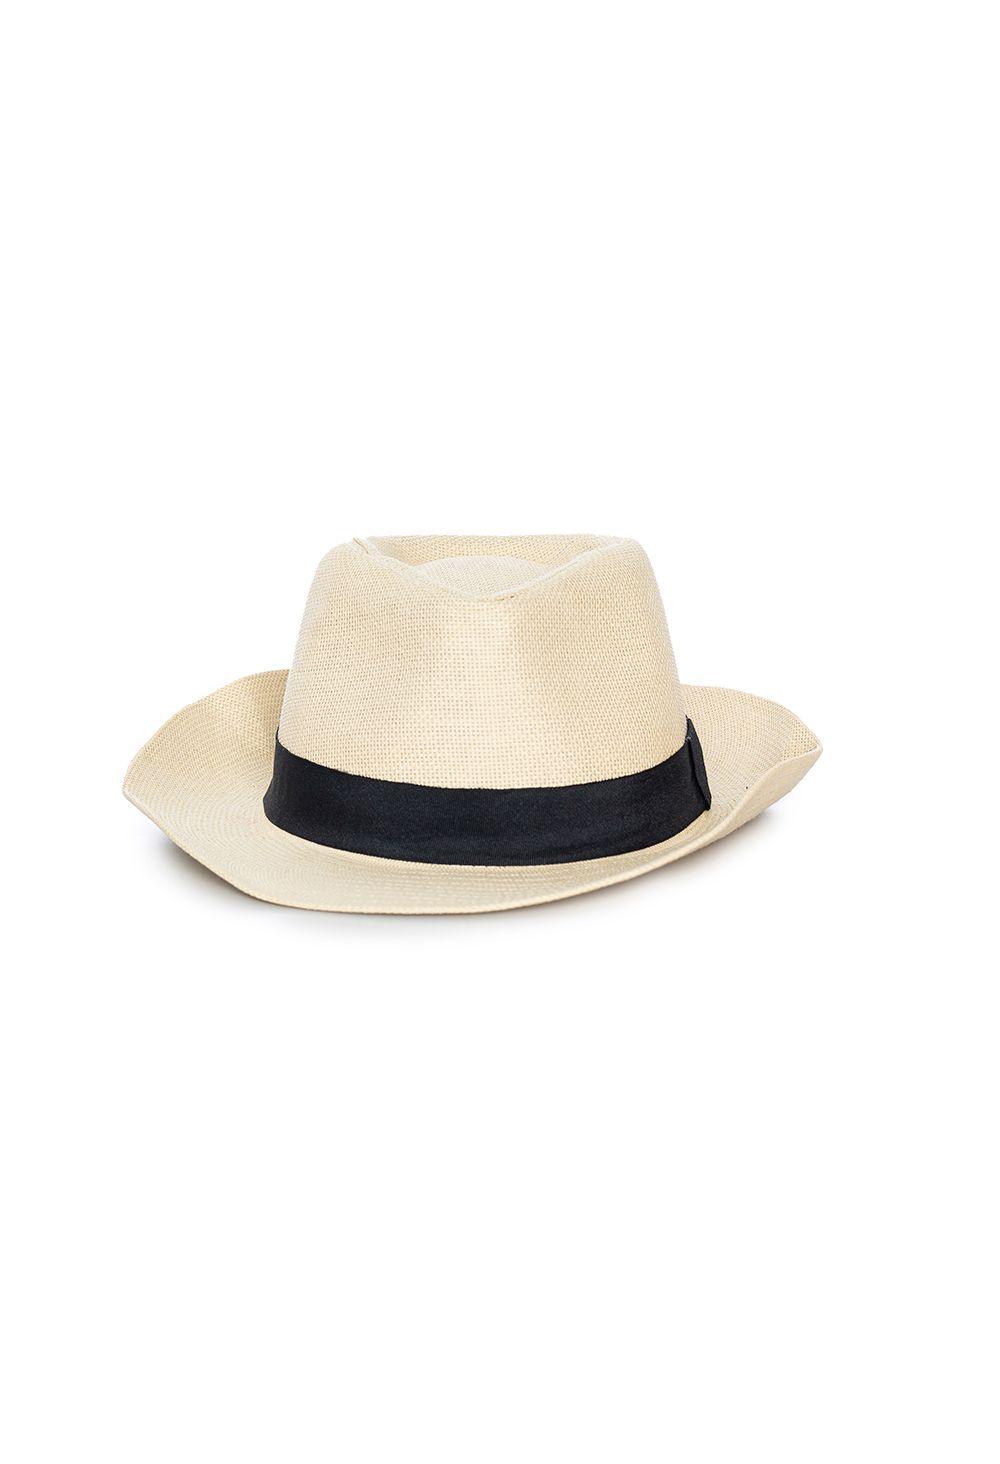 Sombrero Panamá Natural E217523 - ELA a6211d492e6